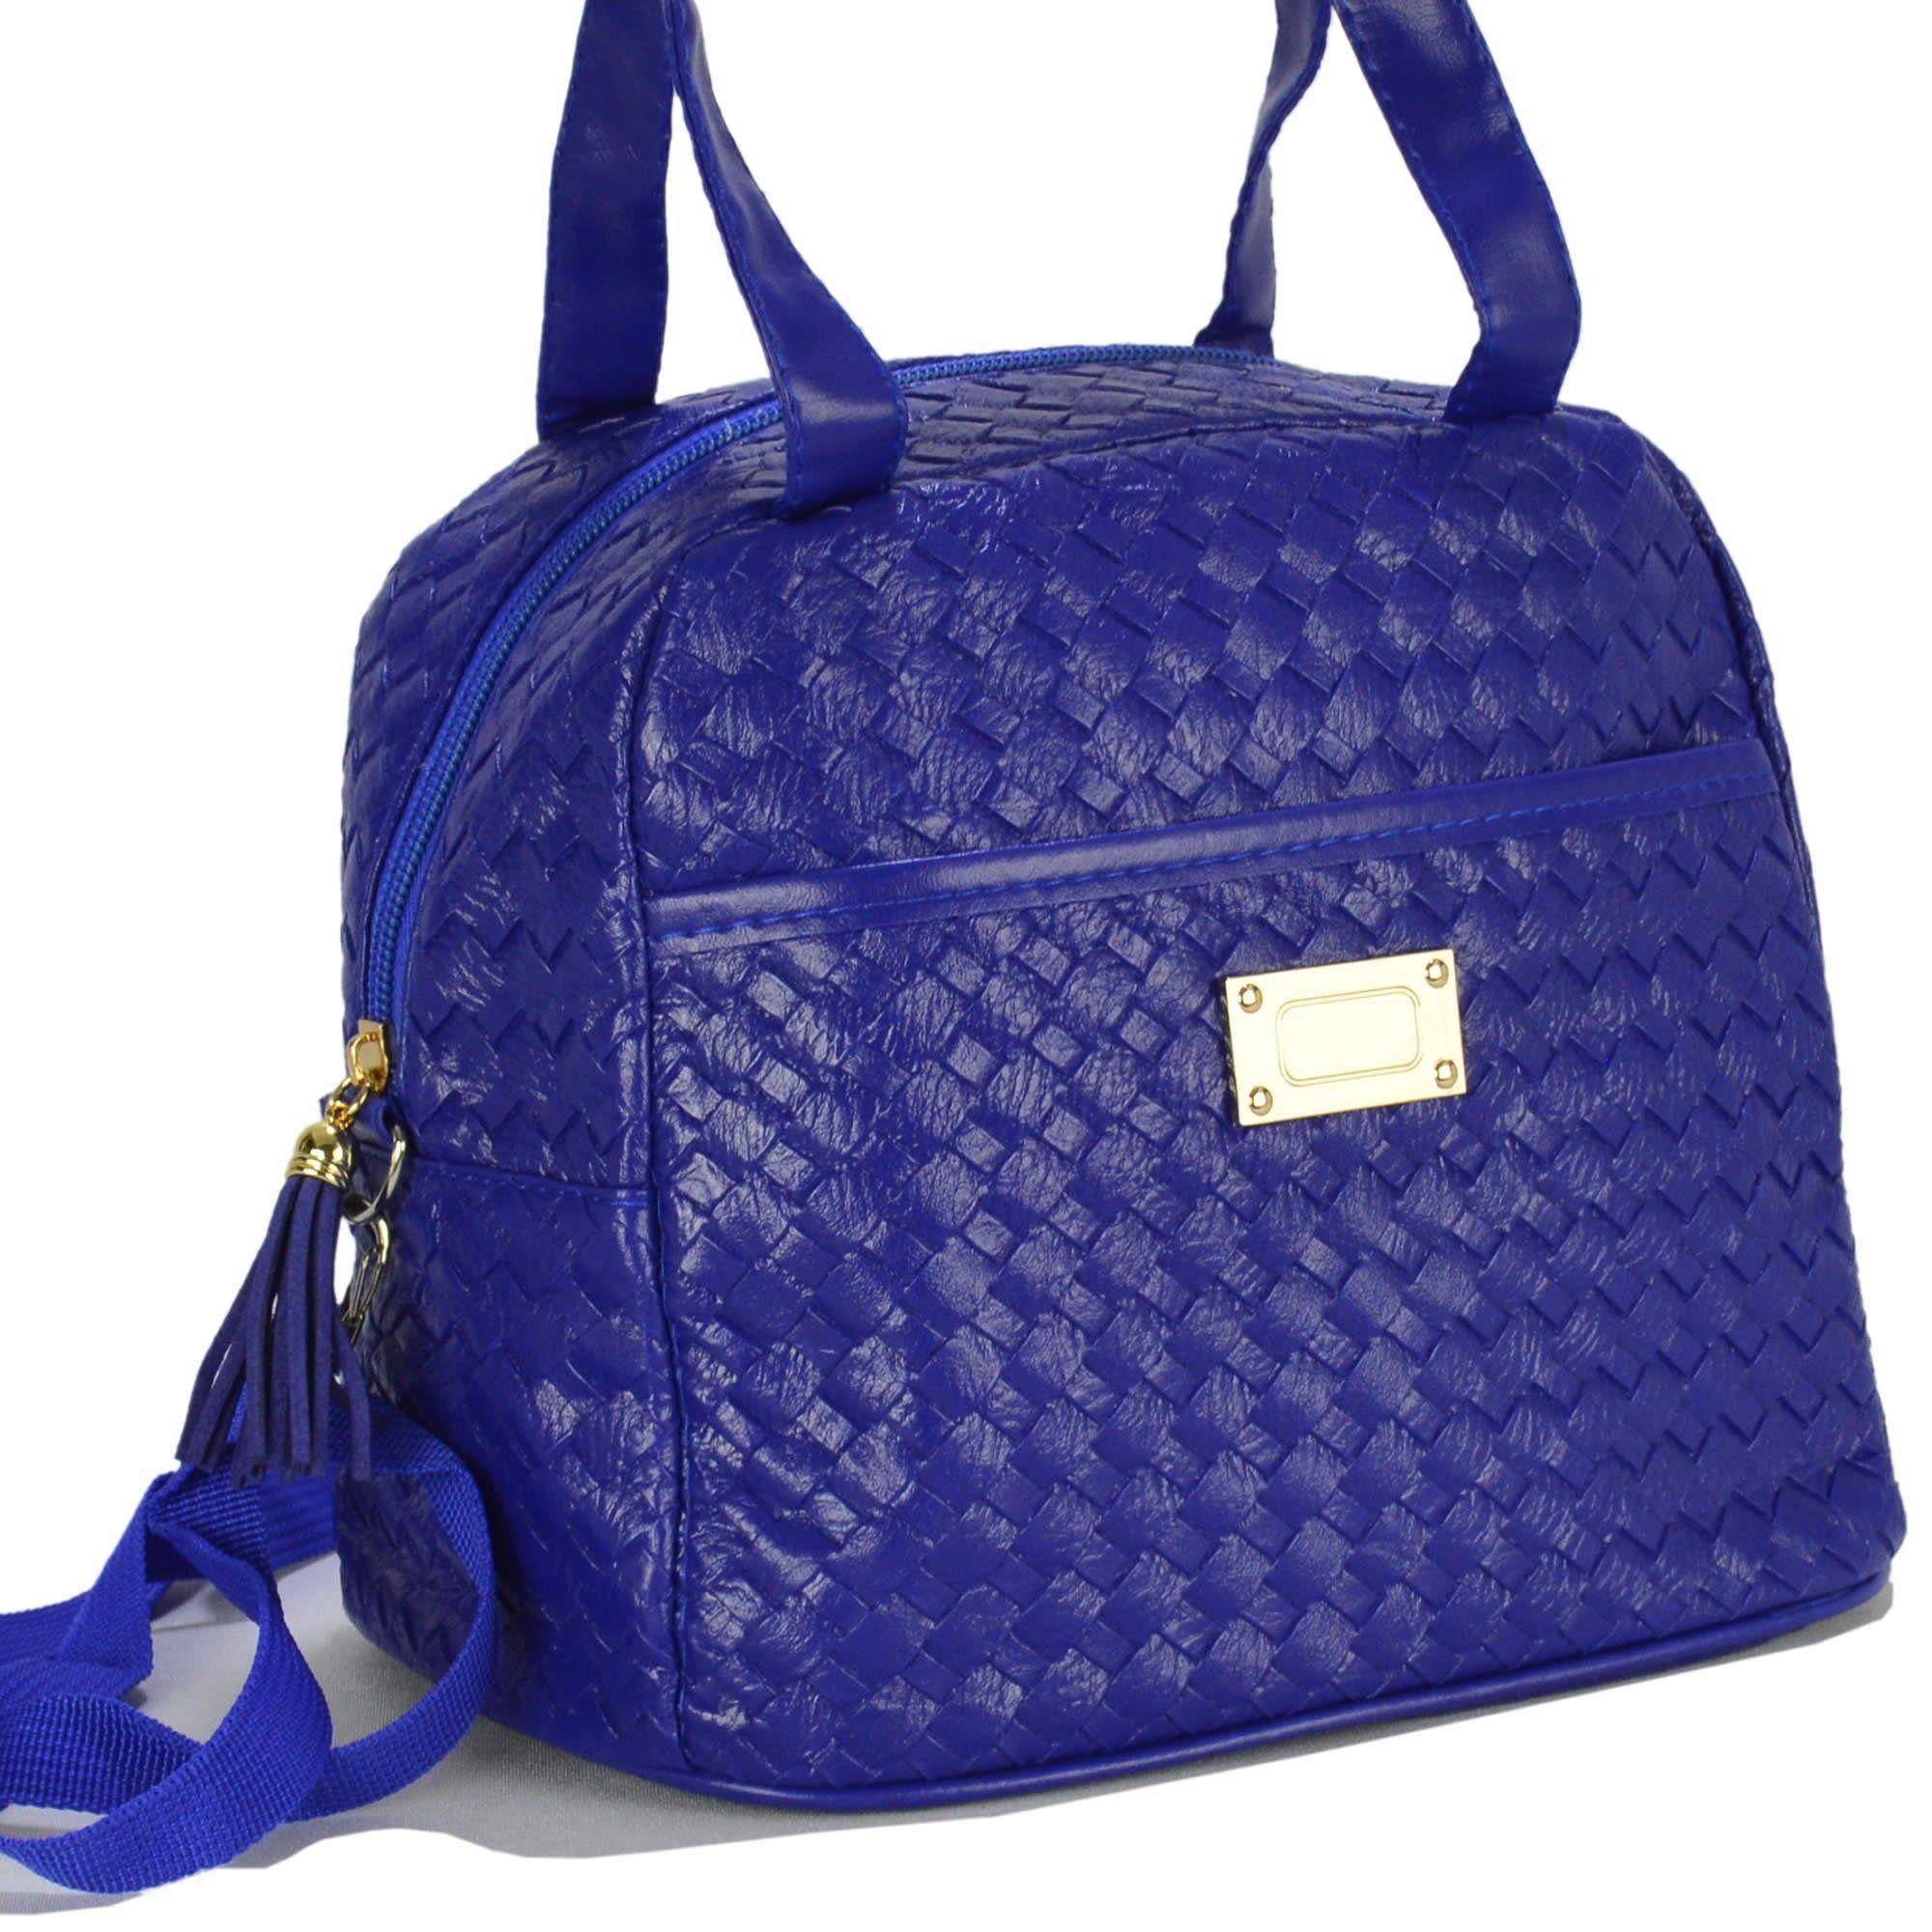 Nécessaire Feminina Bolsa Térmica Luxo Azul CBRN07882